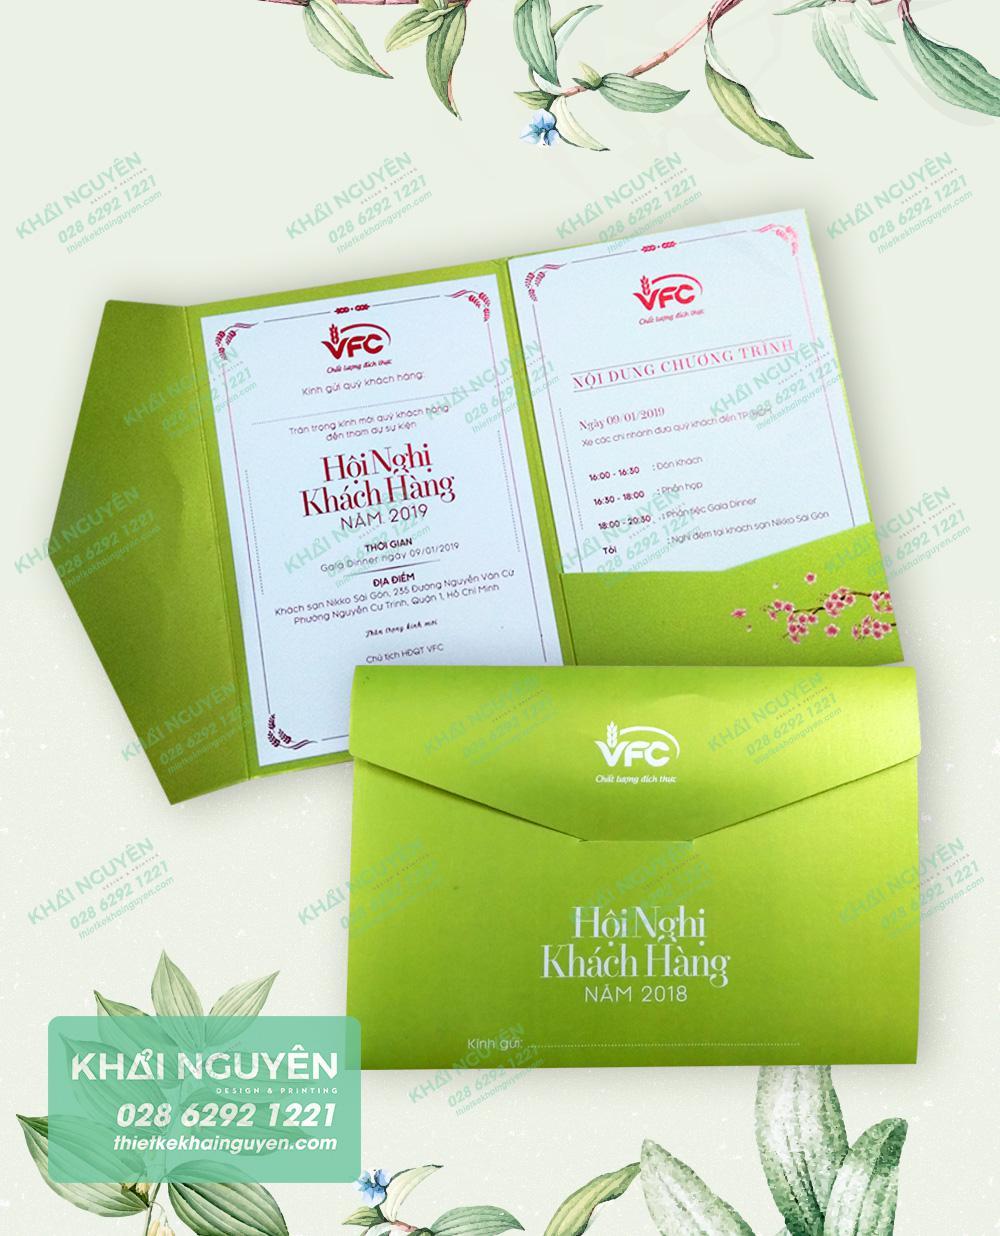 Thiệp hội nghị khách hàng - thiệp giấy mỹ thuật